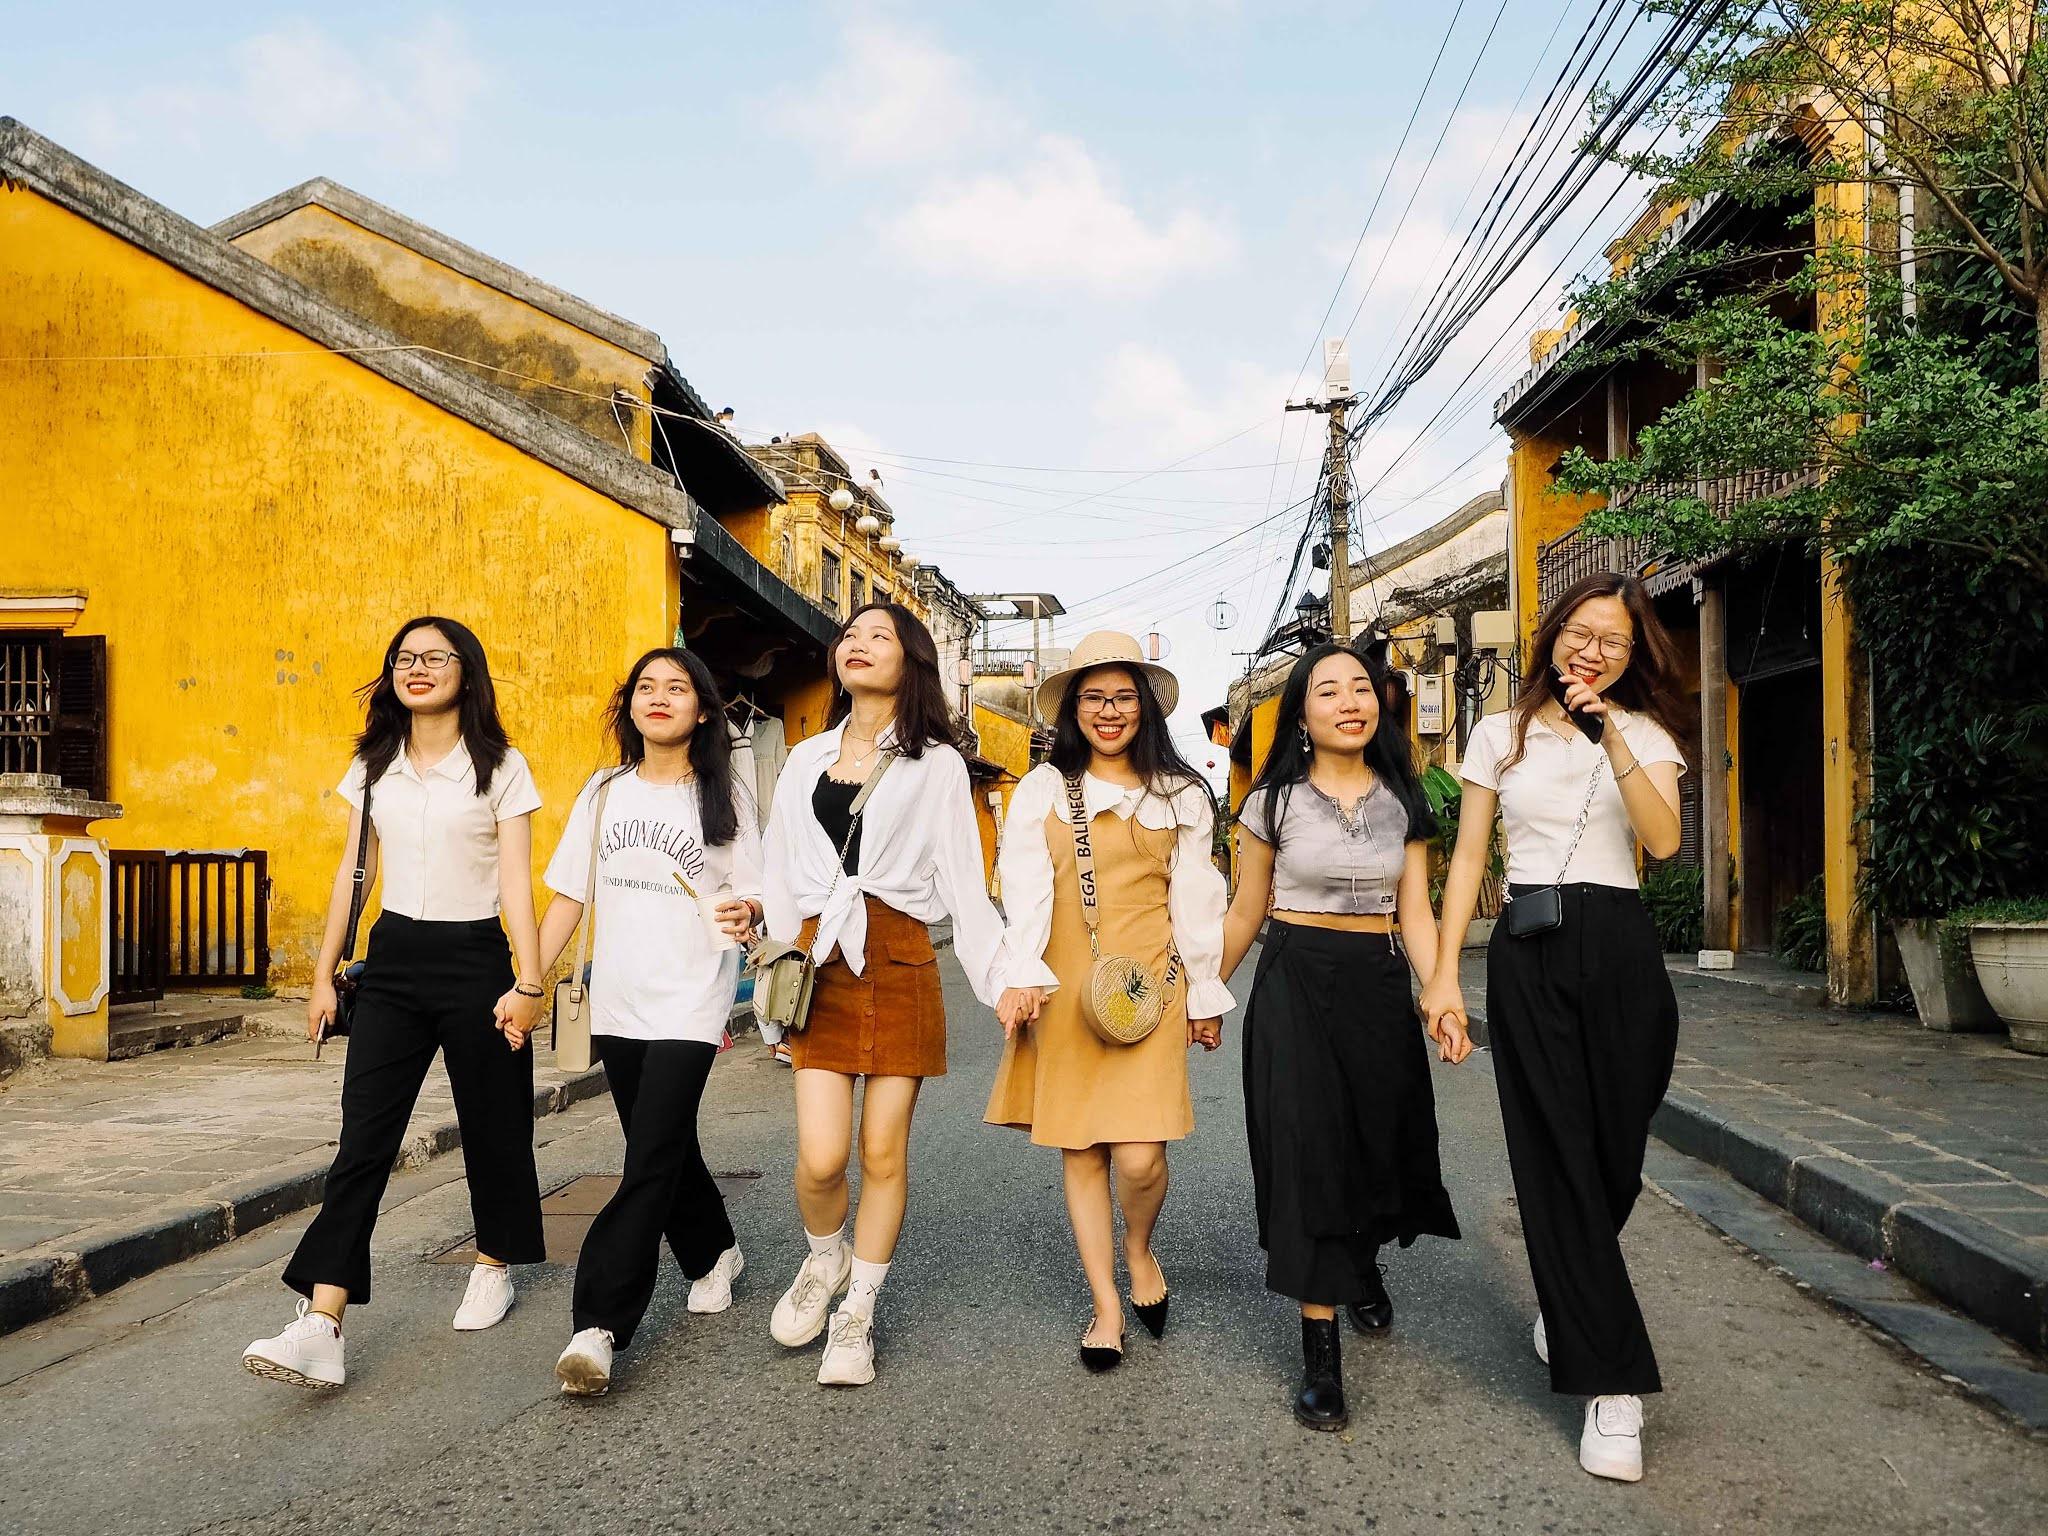 Báo Giá Chụp Ảnh Ngoại Cảnh Nhóm Bạn Hội An - Photographer: Khôi Trần